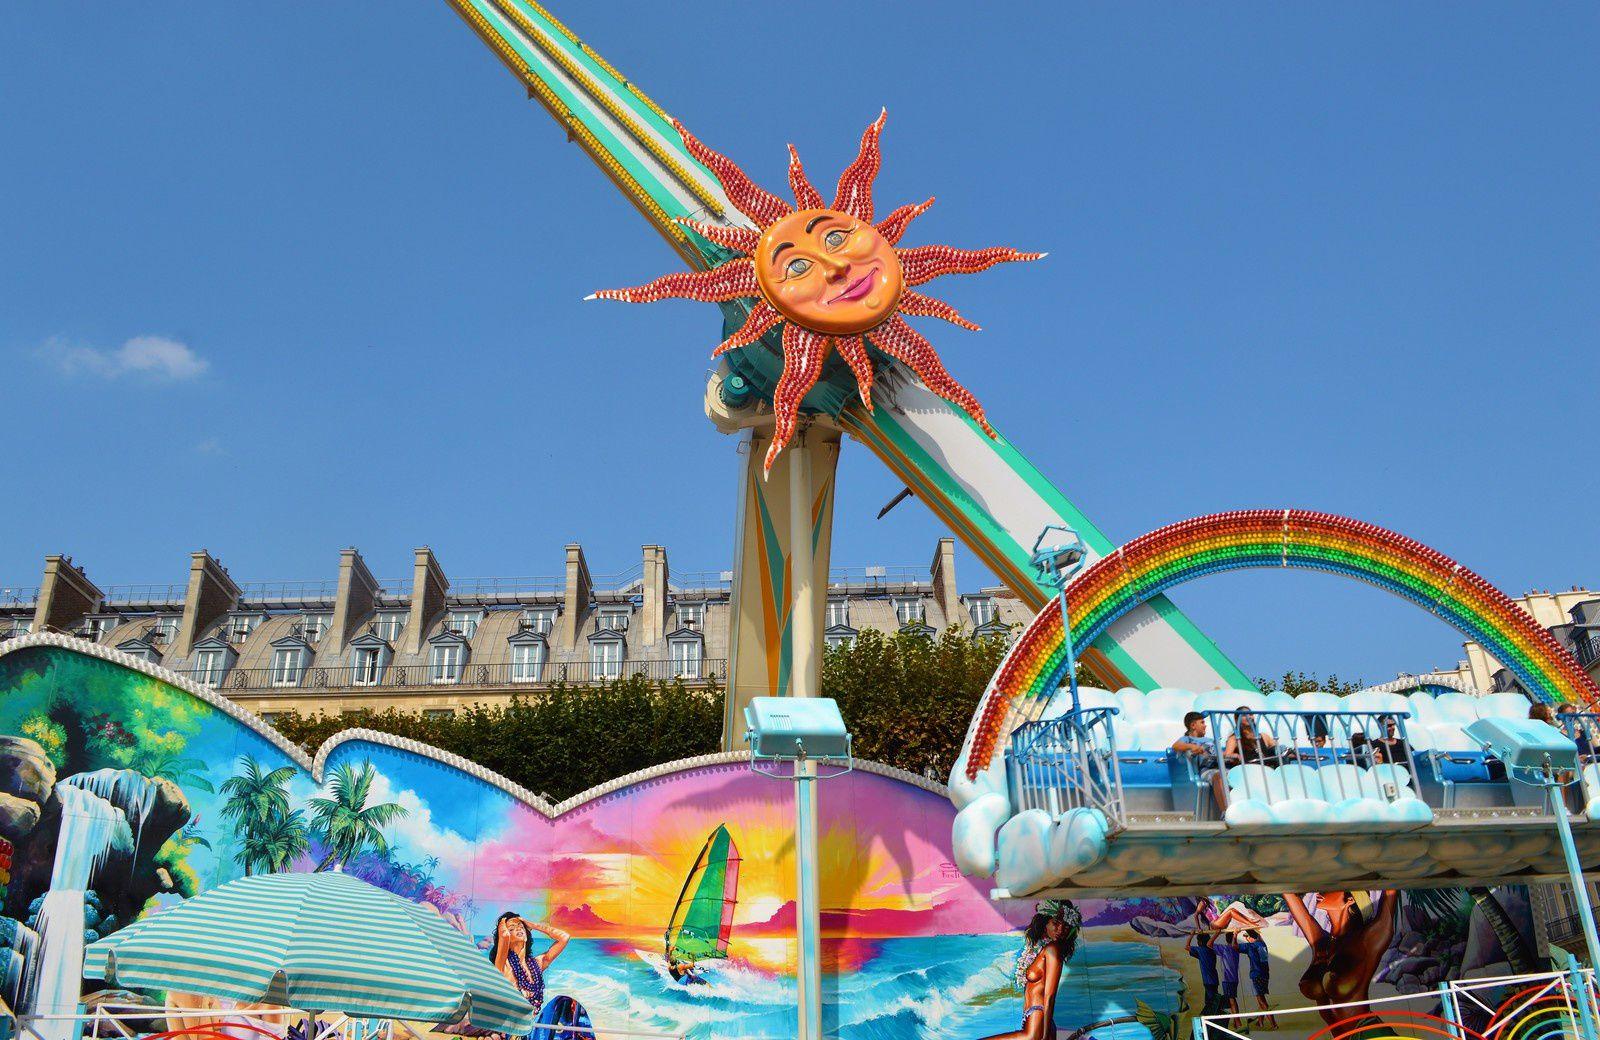 La fête foraine des Tuileries